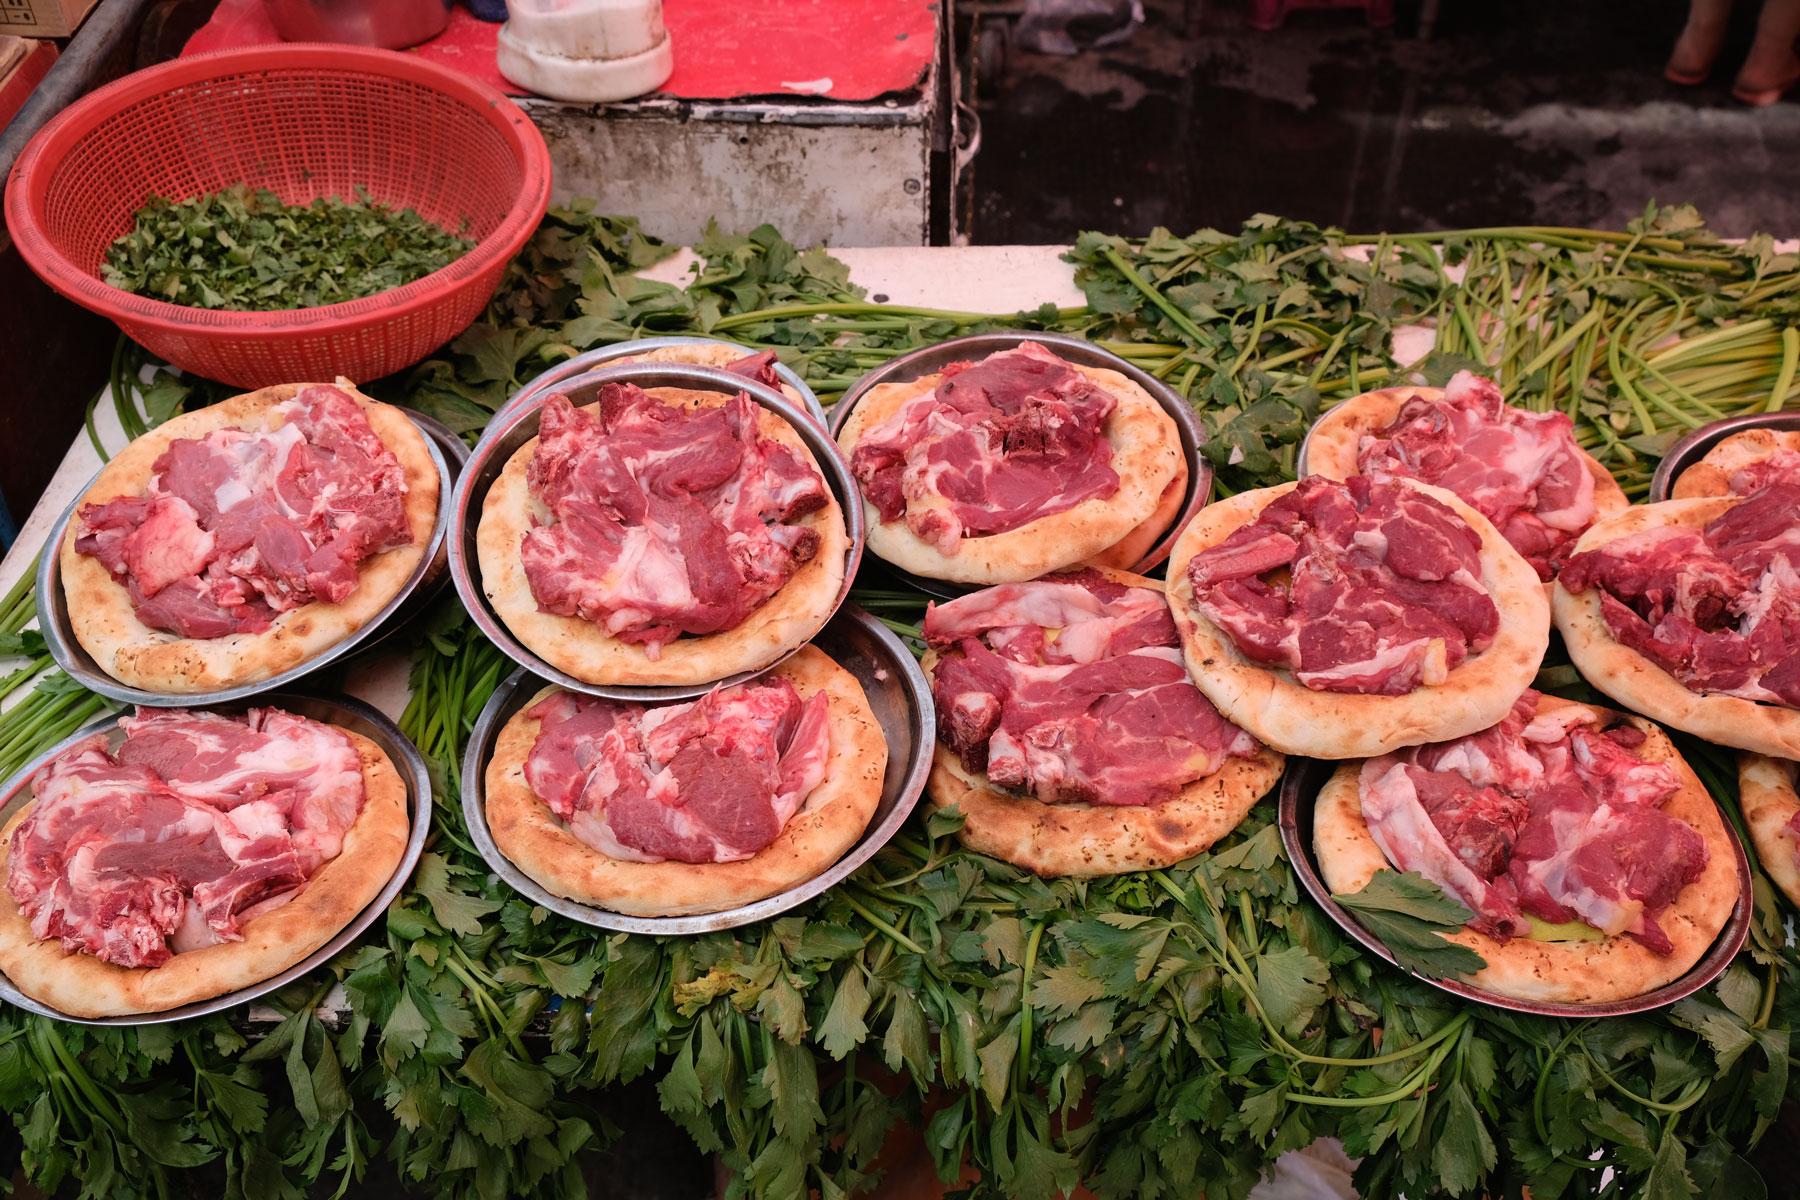 Wer nicht so auf vegetarisch steht, kann sich vom deftigen Angebot des Markts inspirieren lassen